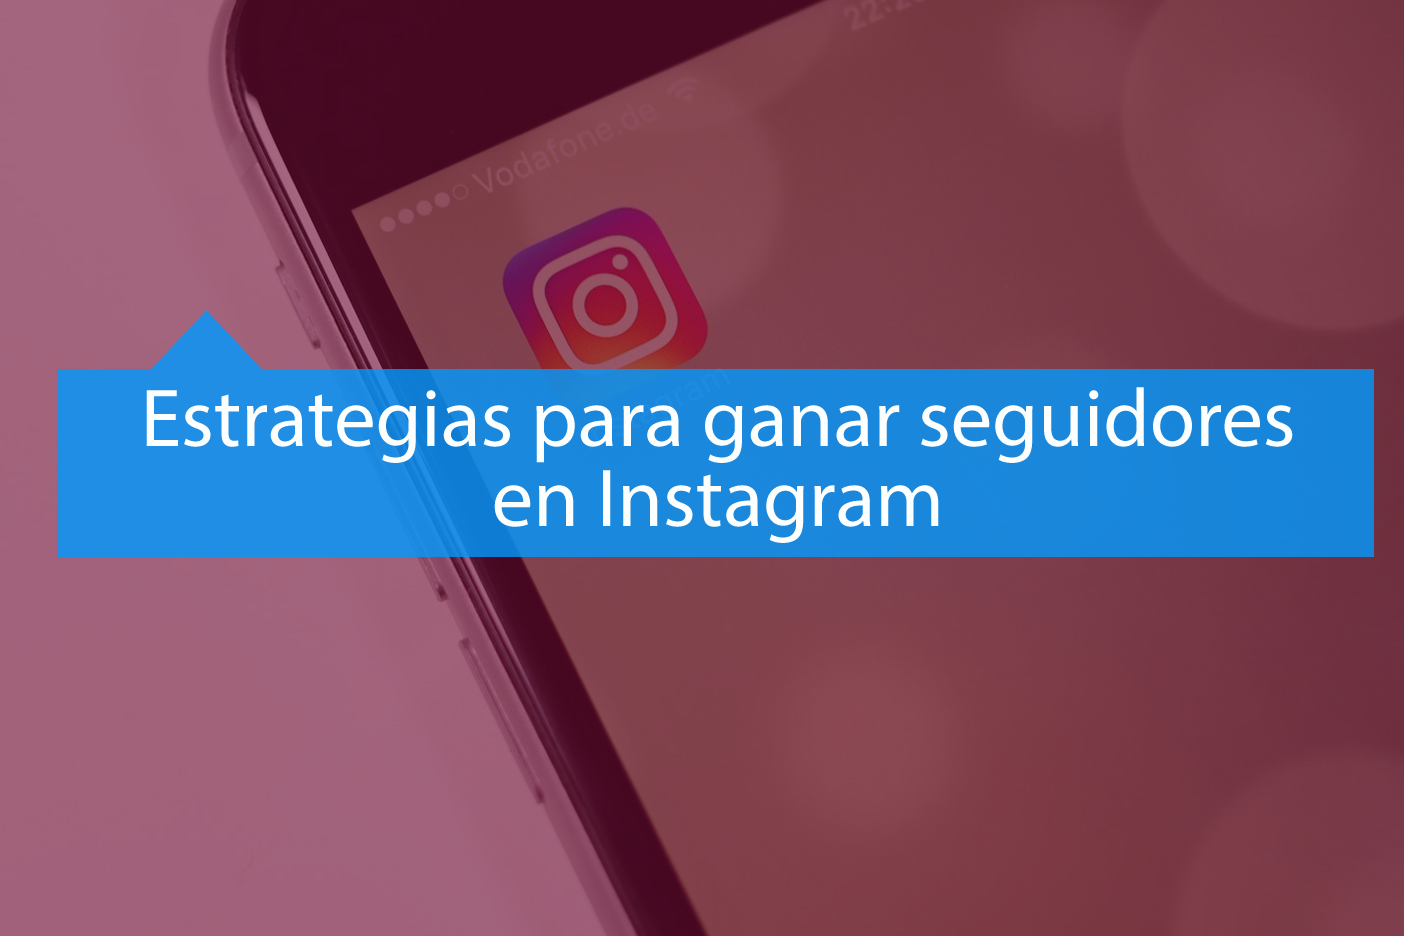 estrategias aumentar seguidores Instagram